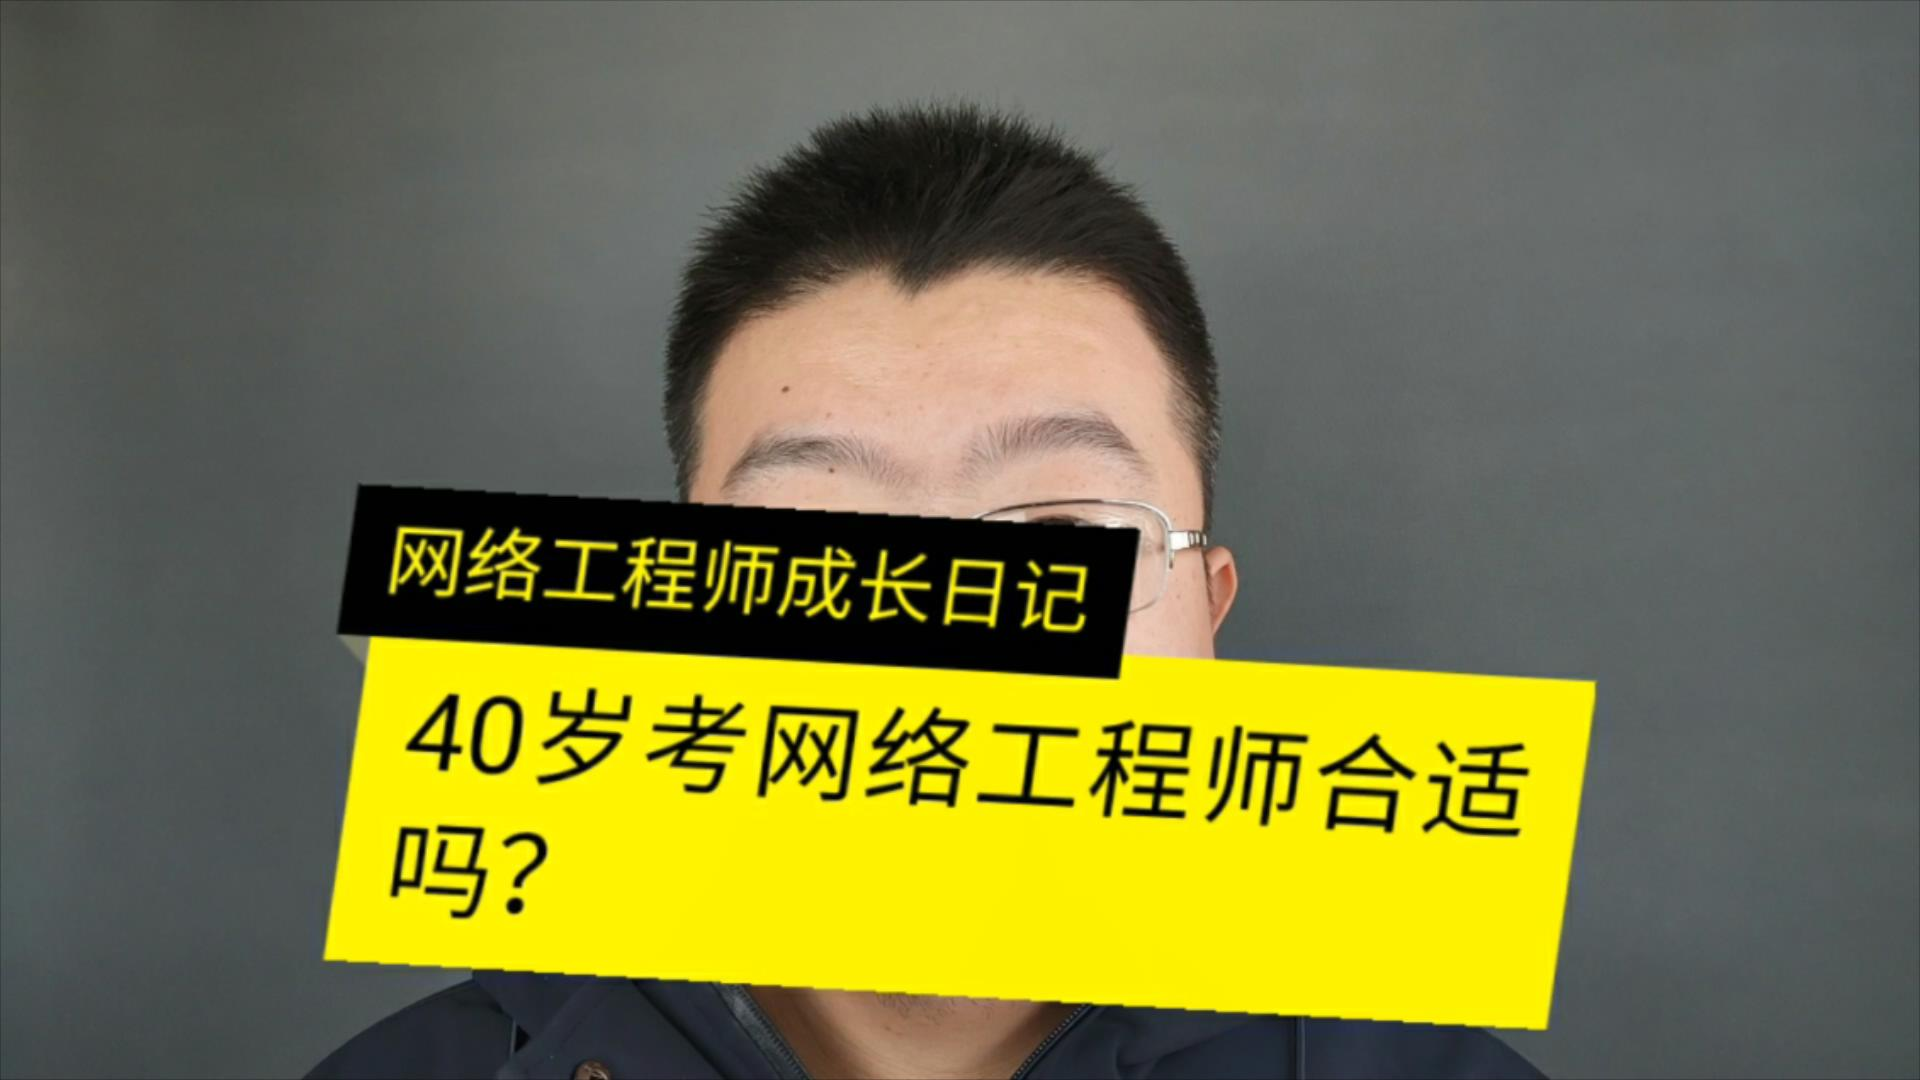 40岁了考网络工程师合适吗